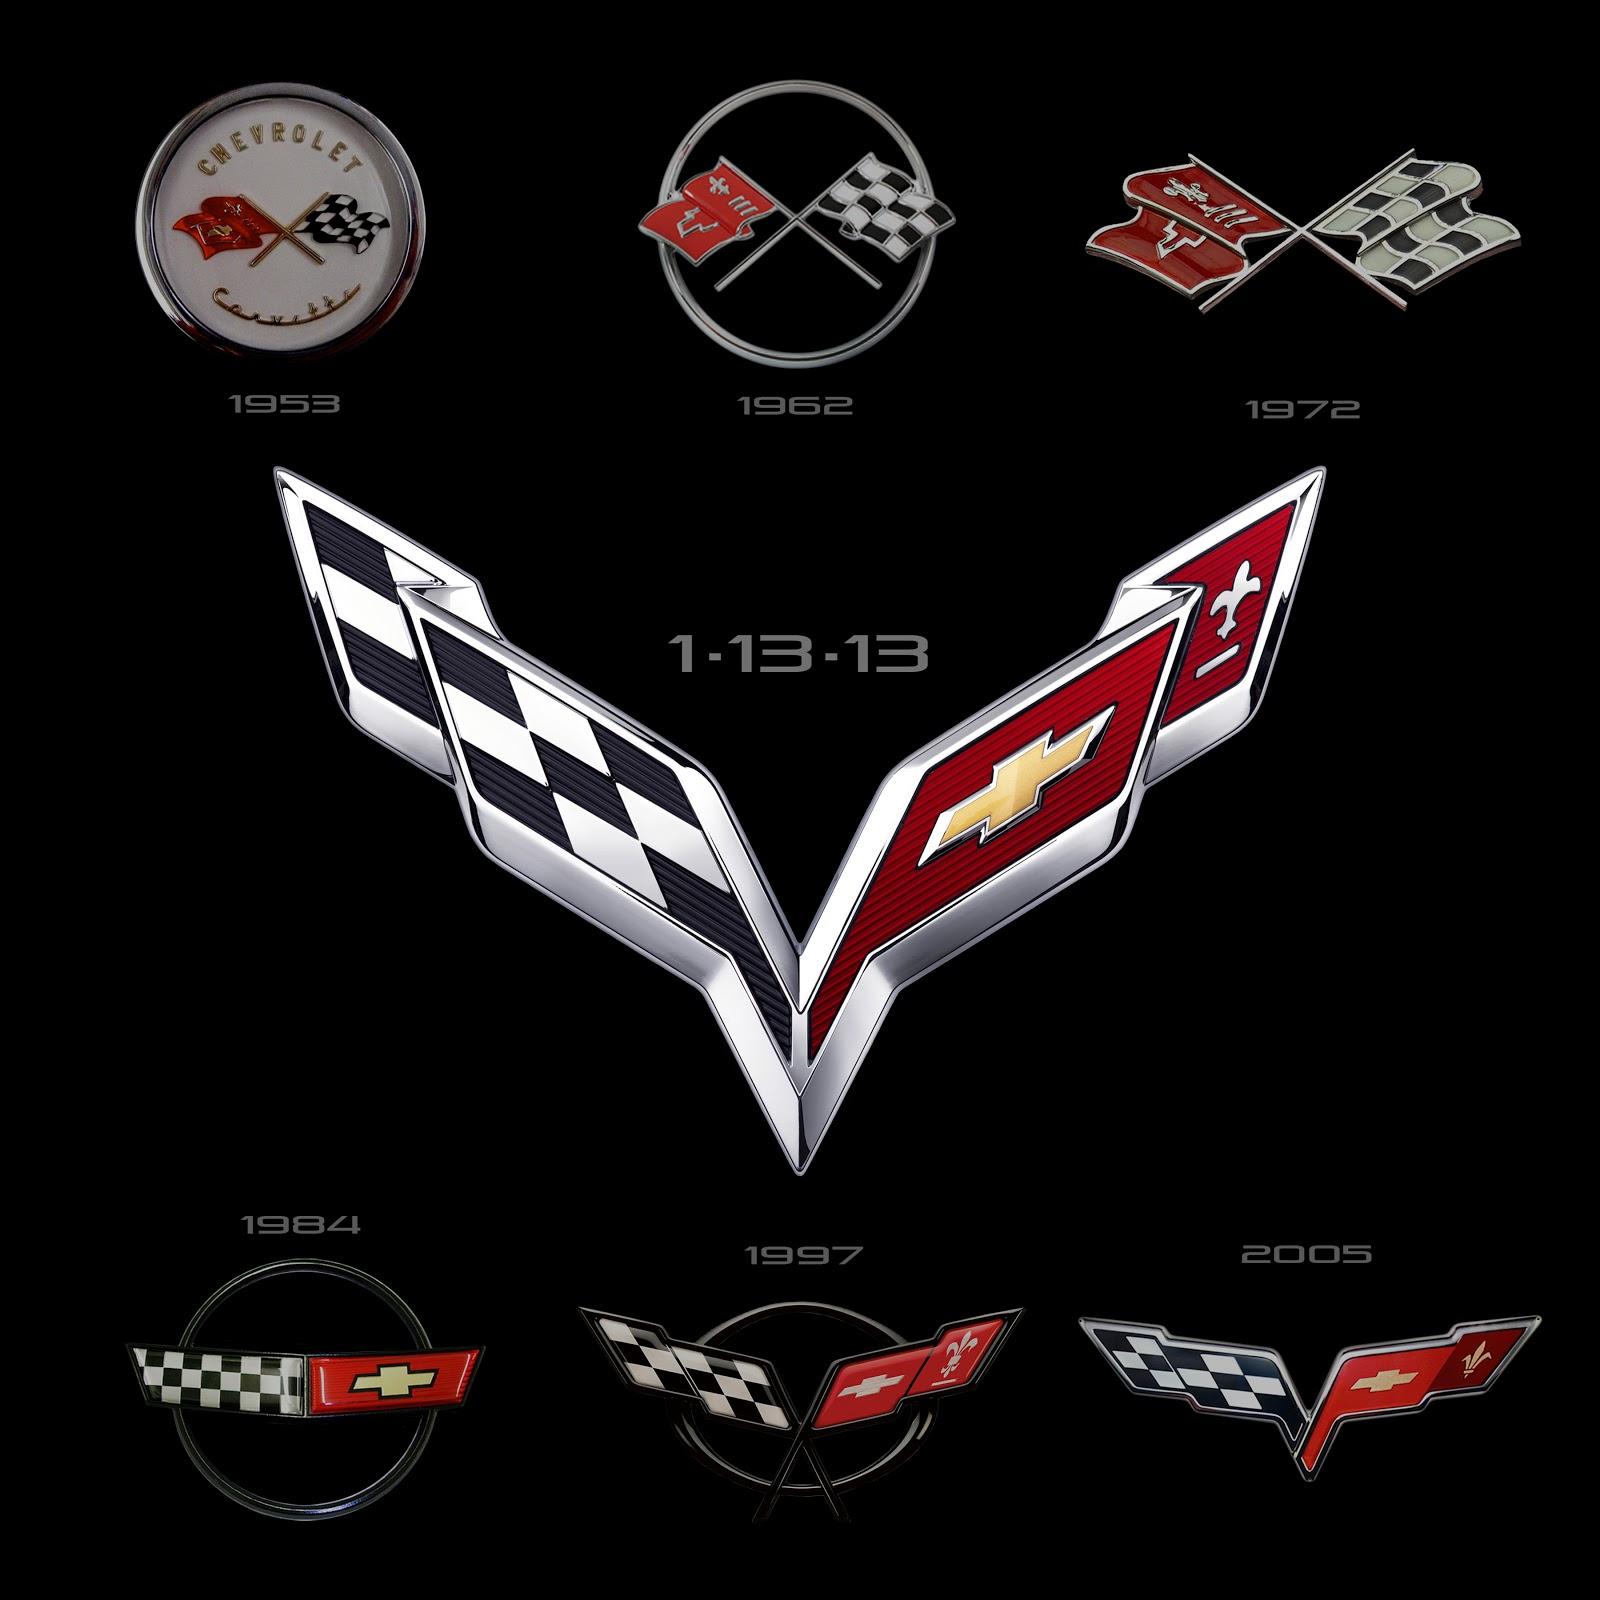 2014 Chevrolet Corvette C7   Nouveau Logo  Pr U00e9sent U00e9e  U00e0 D U00e9troit